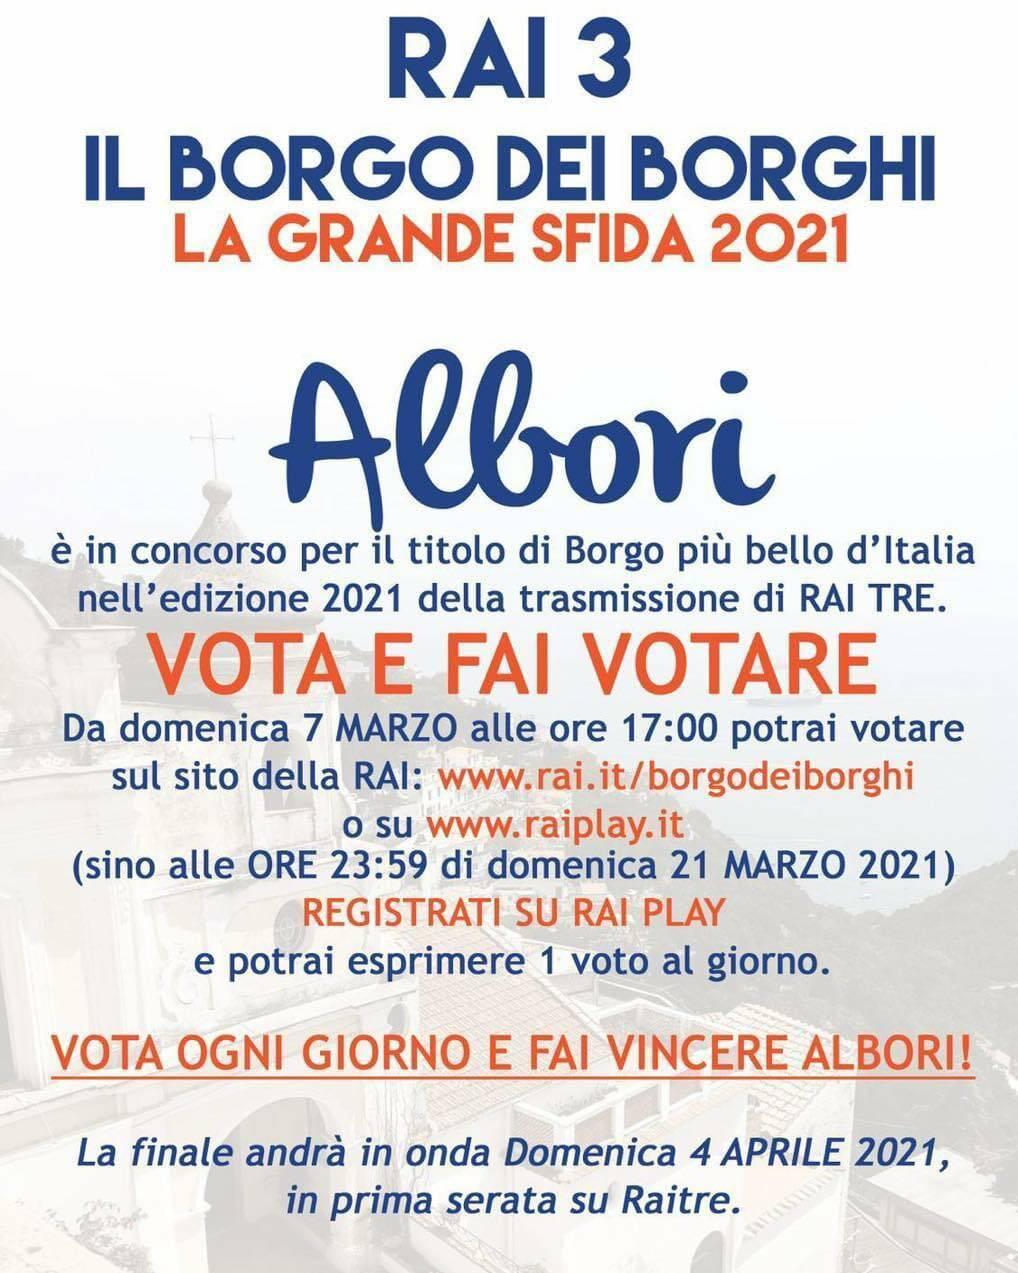 Il Borgo dei Borghi, la grande sfida 2021: votiamo per Albori, la frazione più piccola di Vietri sul Mare